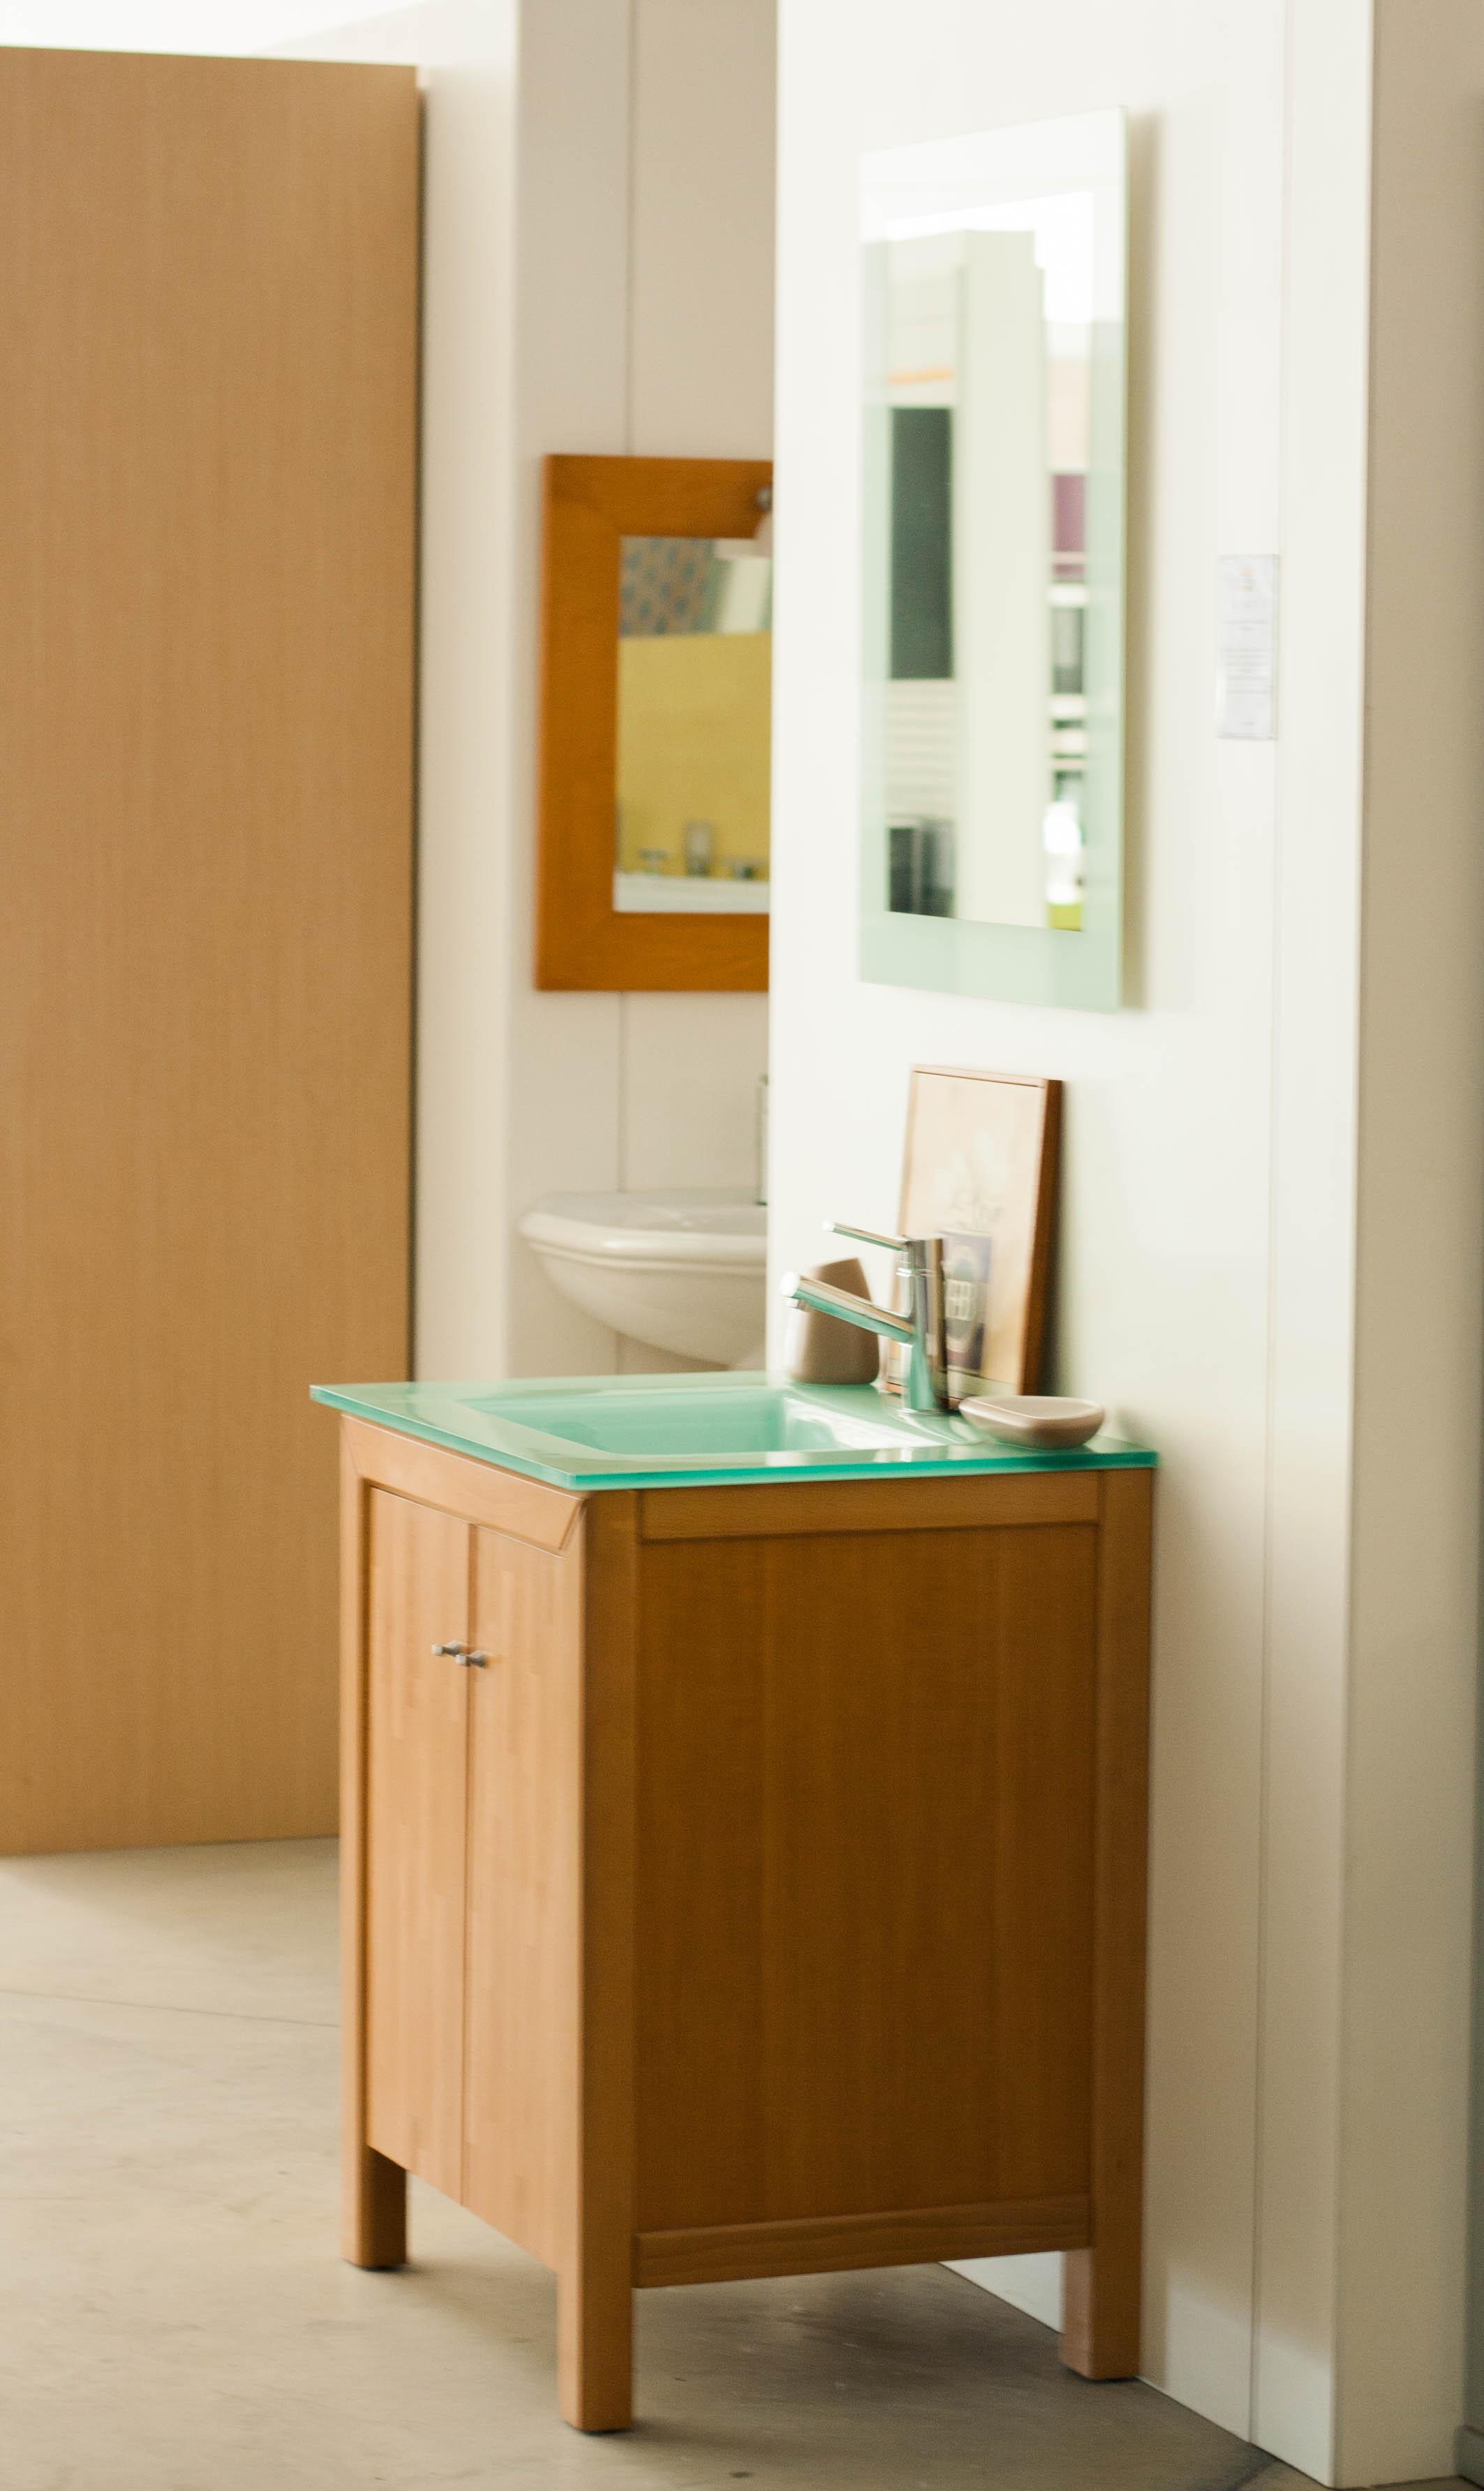 Cojunto de mueble de baño con grifería incluida